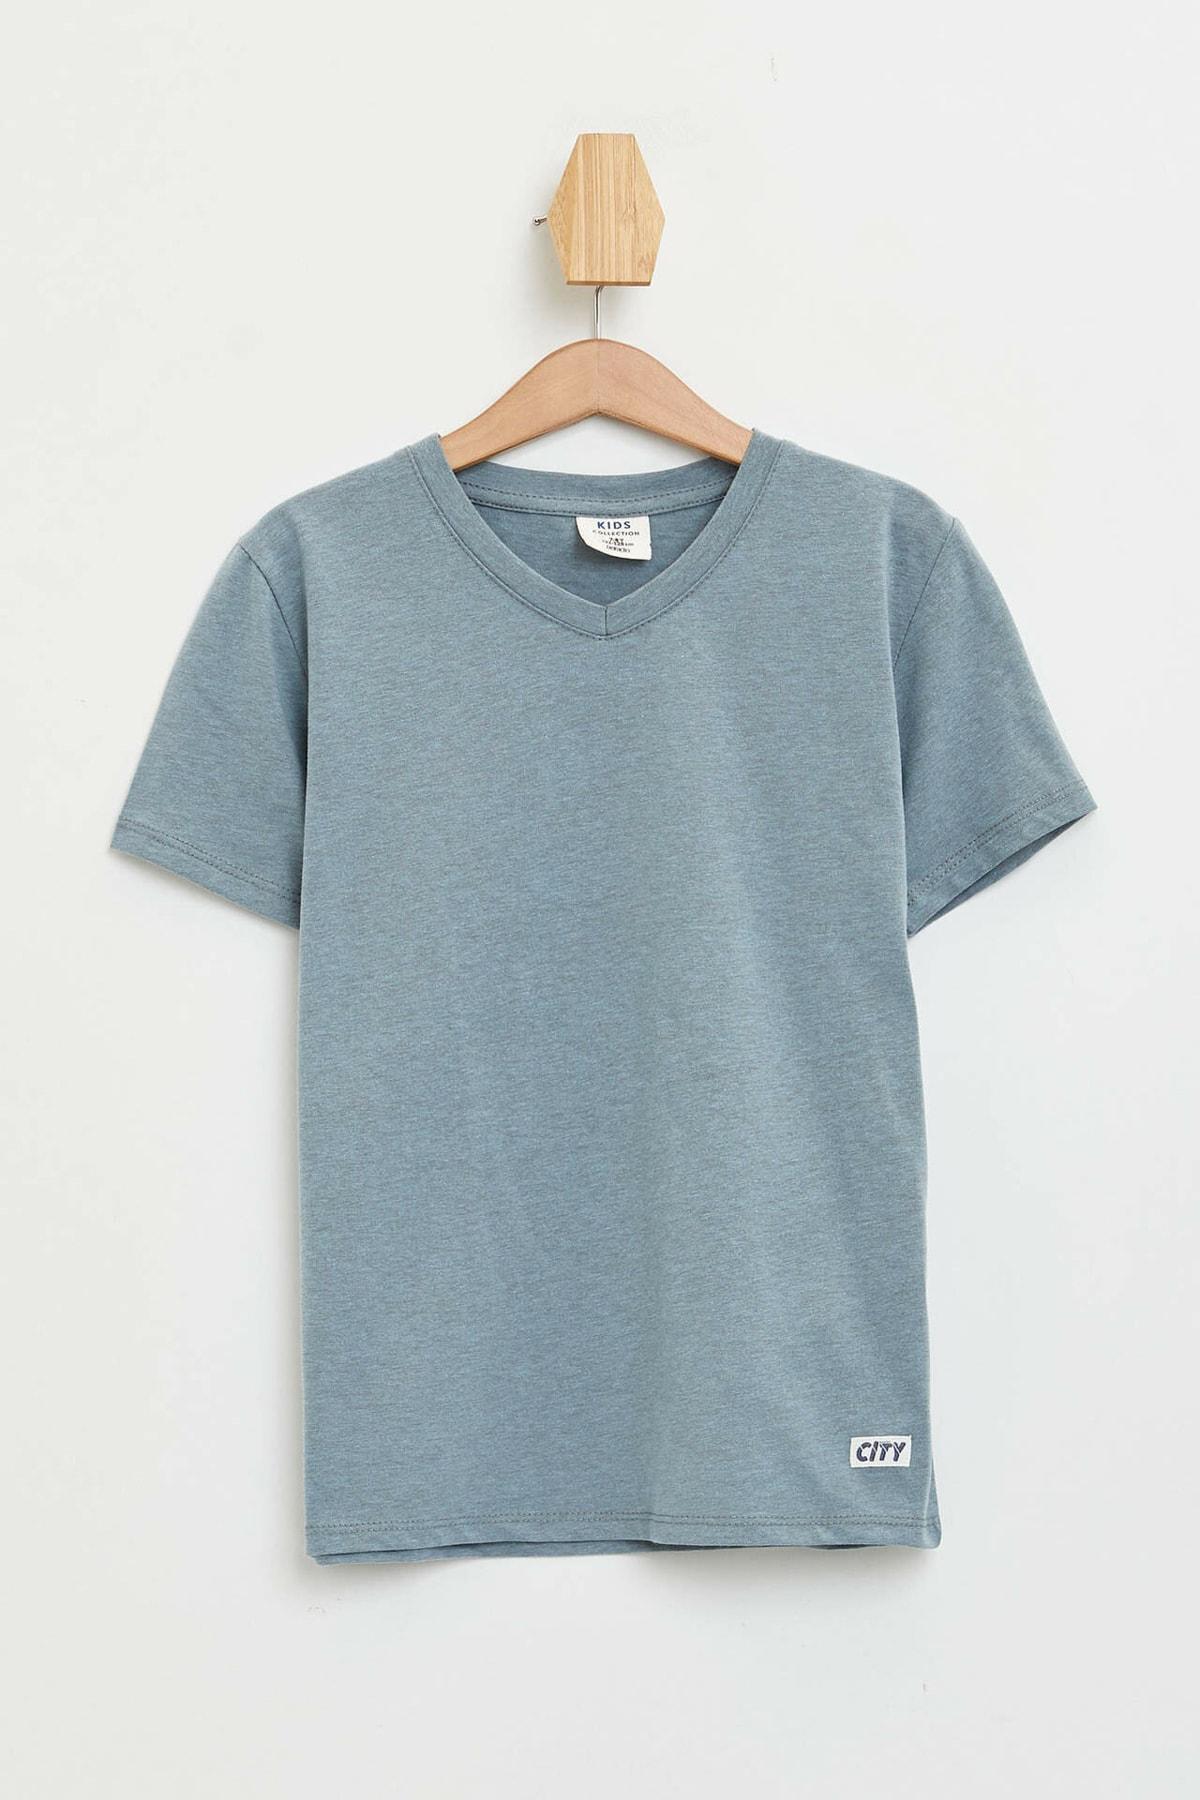 Erkek Çocuk Basic V Yaka Kısa Kollu Tişört